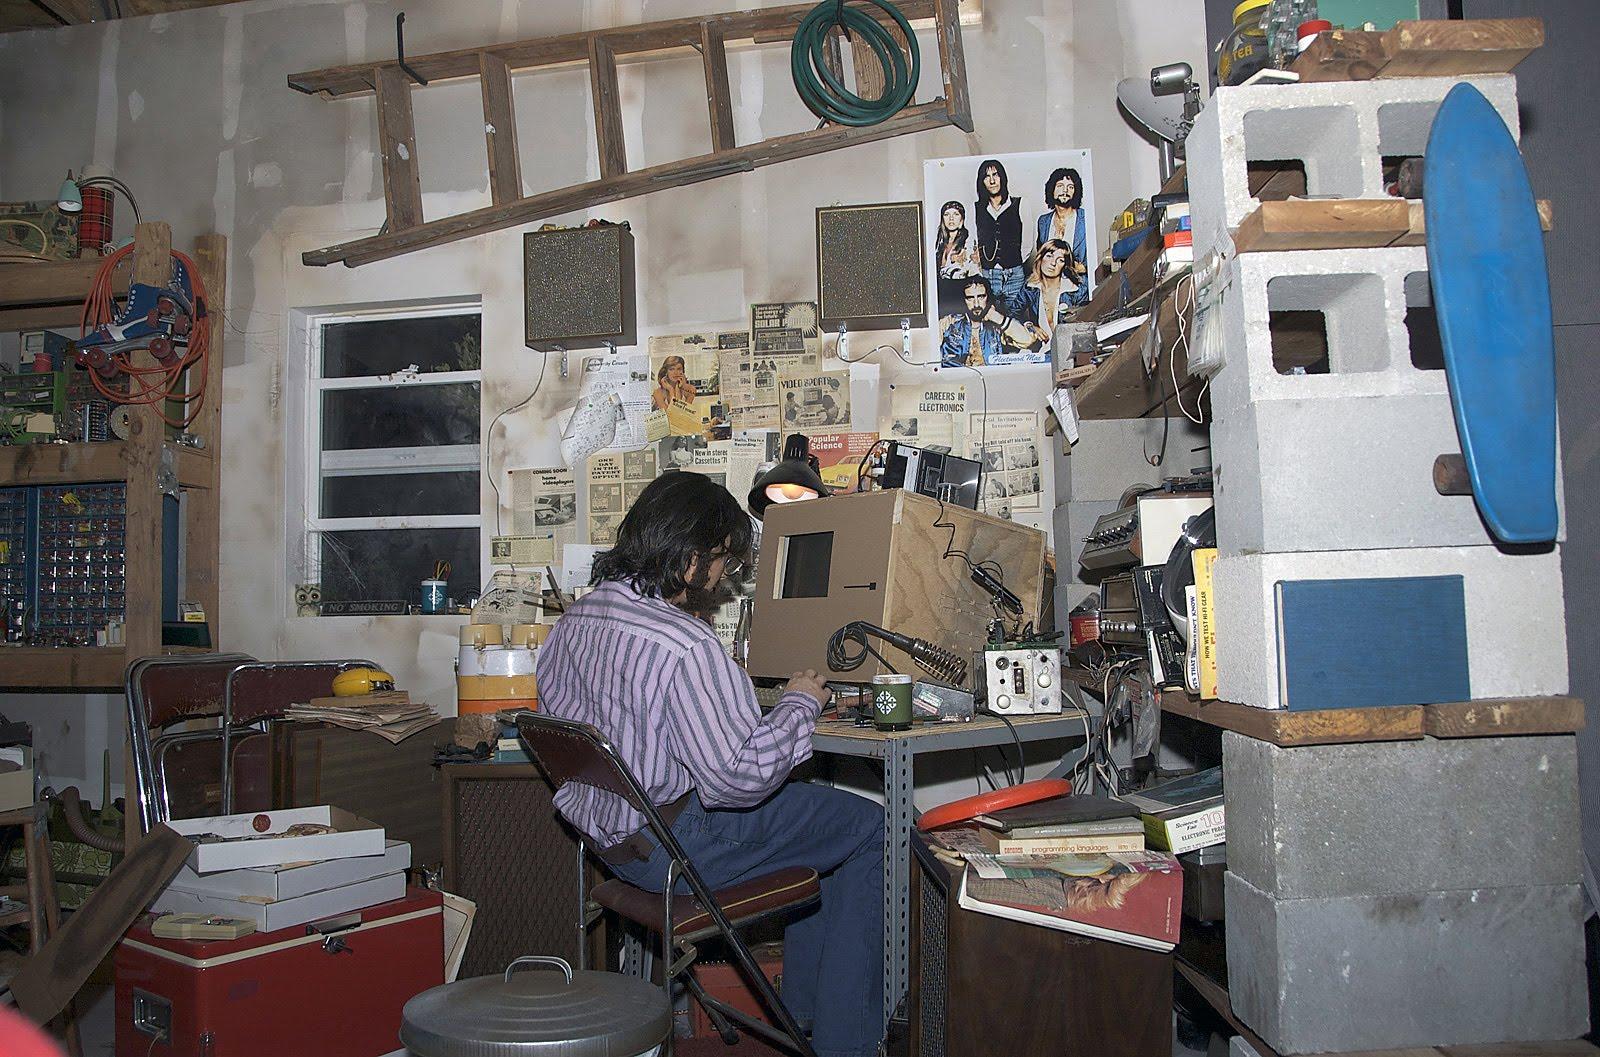 Читать рассказ за гаражами 5 фотография